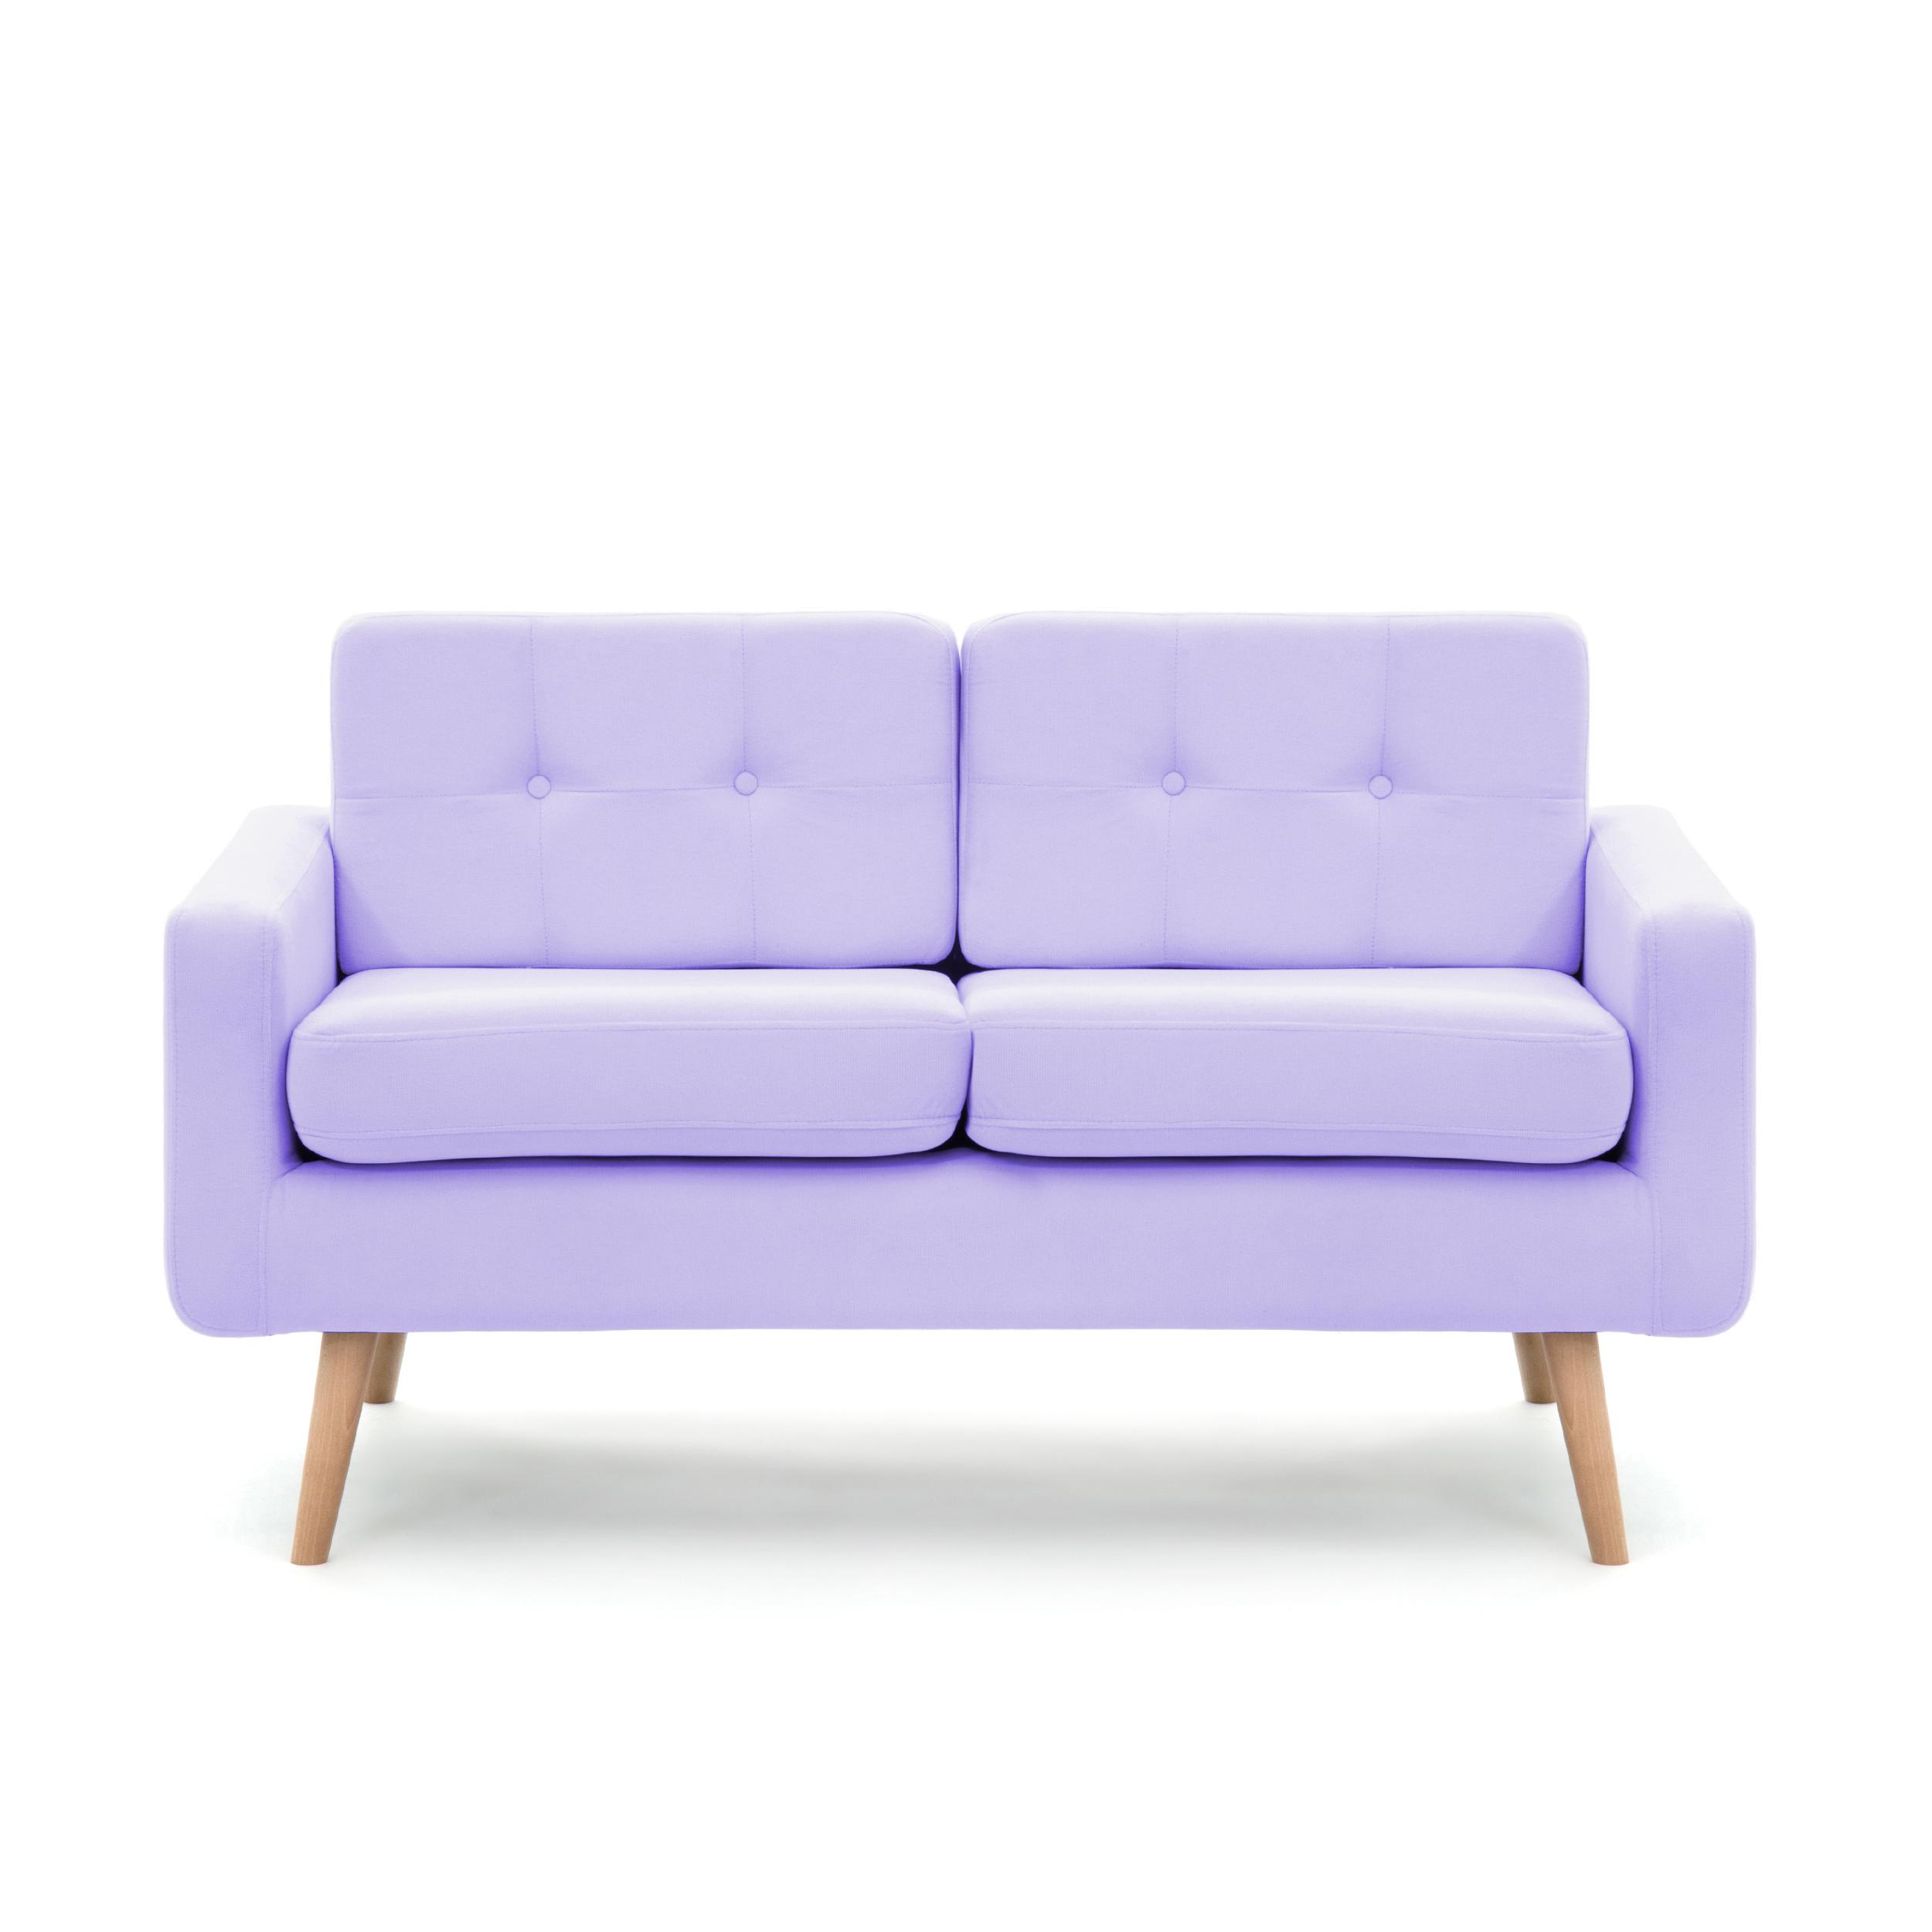 Canapea Fixa 2 locuri Ina Pastel Purple